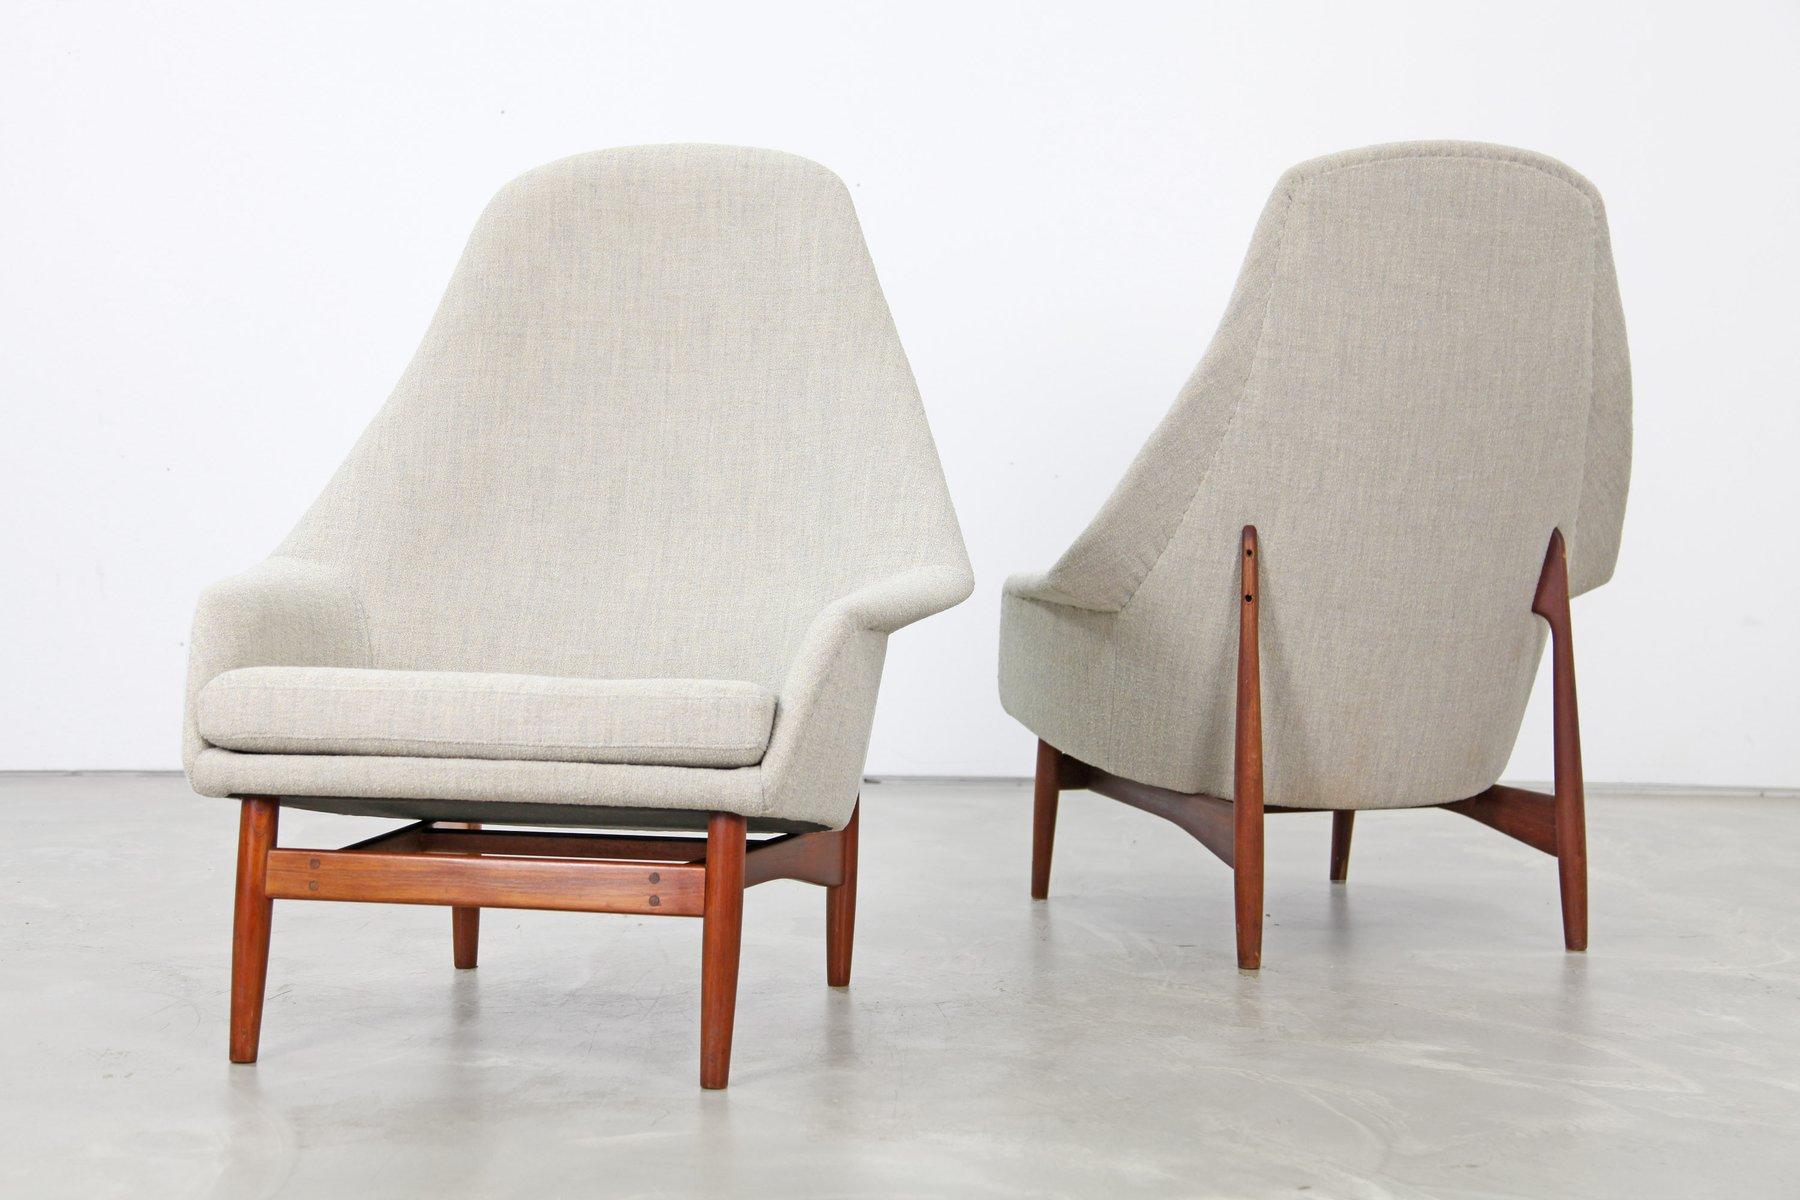 sessel mit hoher r ckenlehne von ib kofod larsen 1957. Black Bedroom Furniture Sets. Home Design Ideas